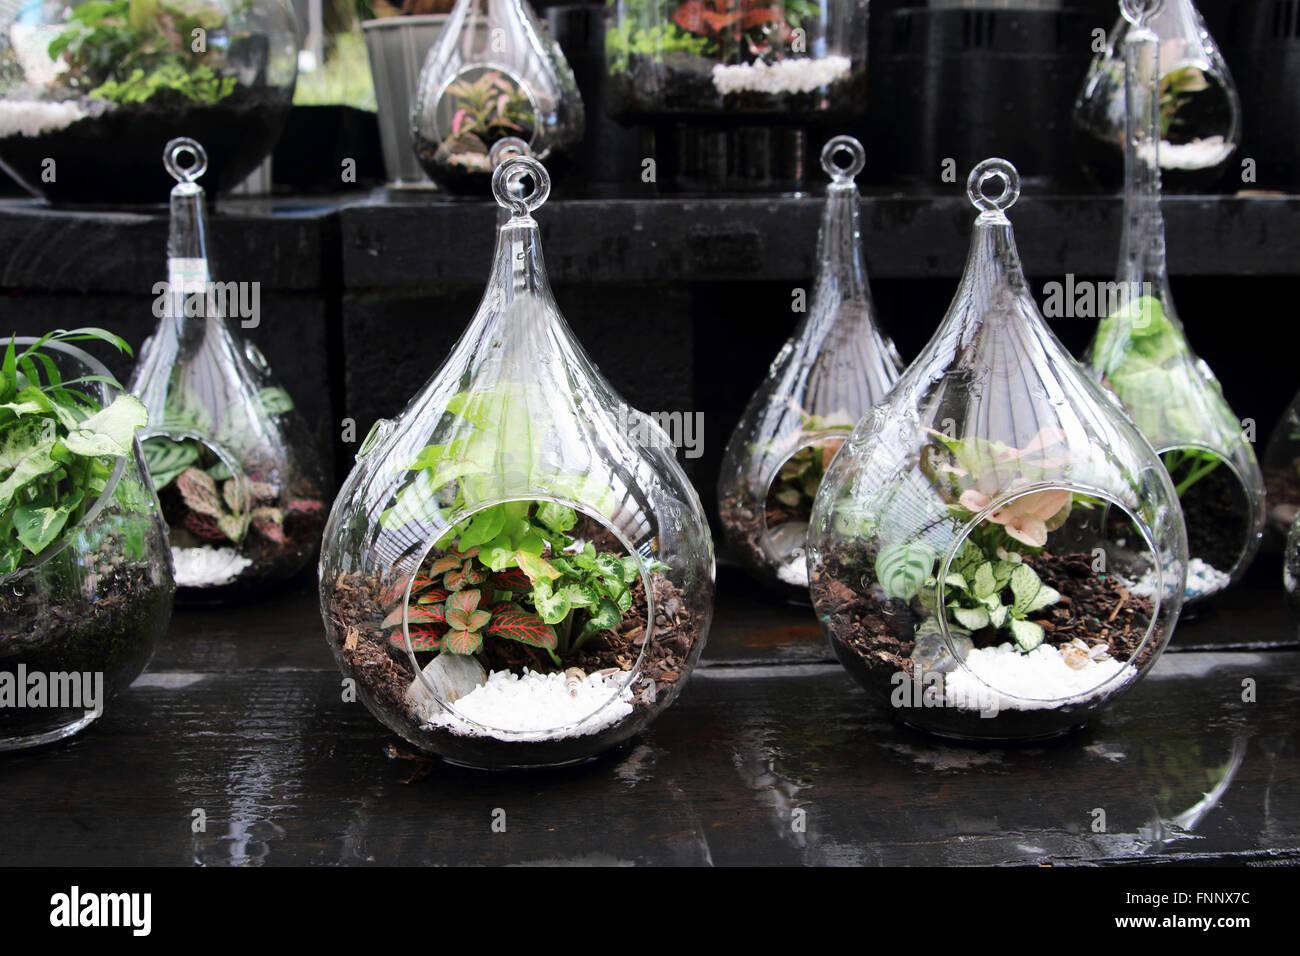 Terrariums With Plants Inside Glass Jar Stock Photo 99441200 Alamy